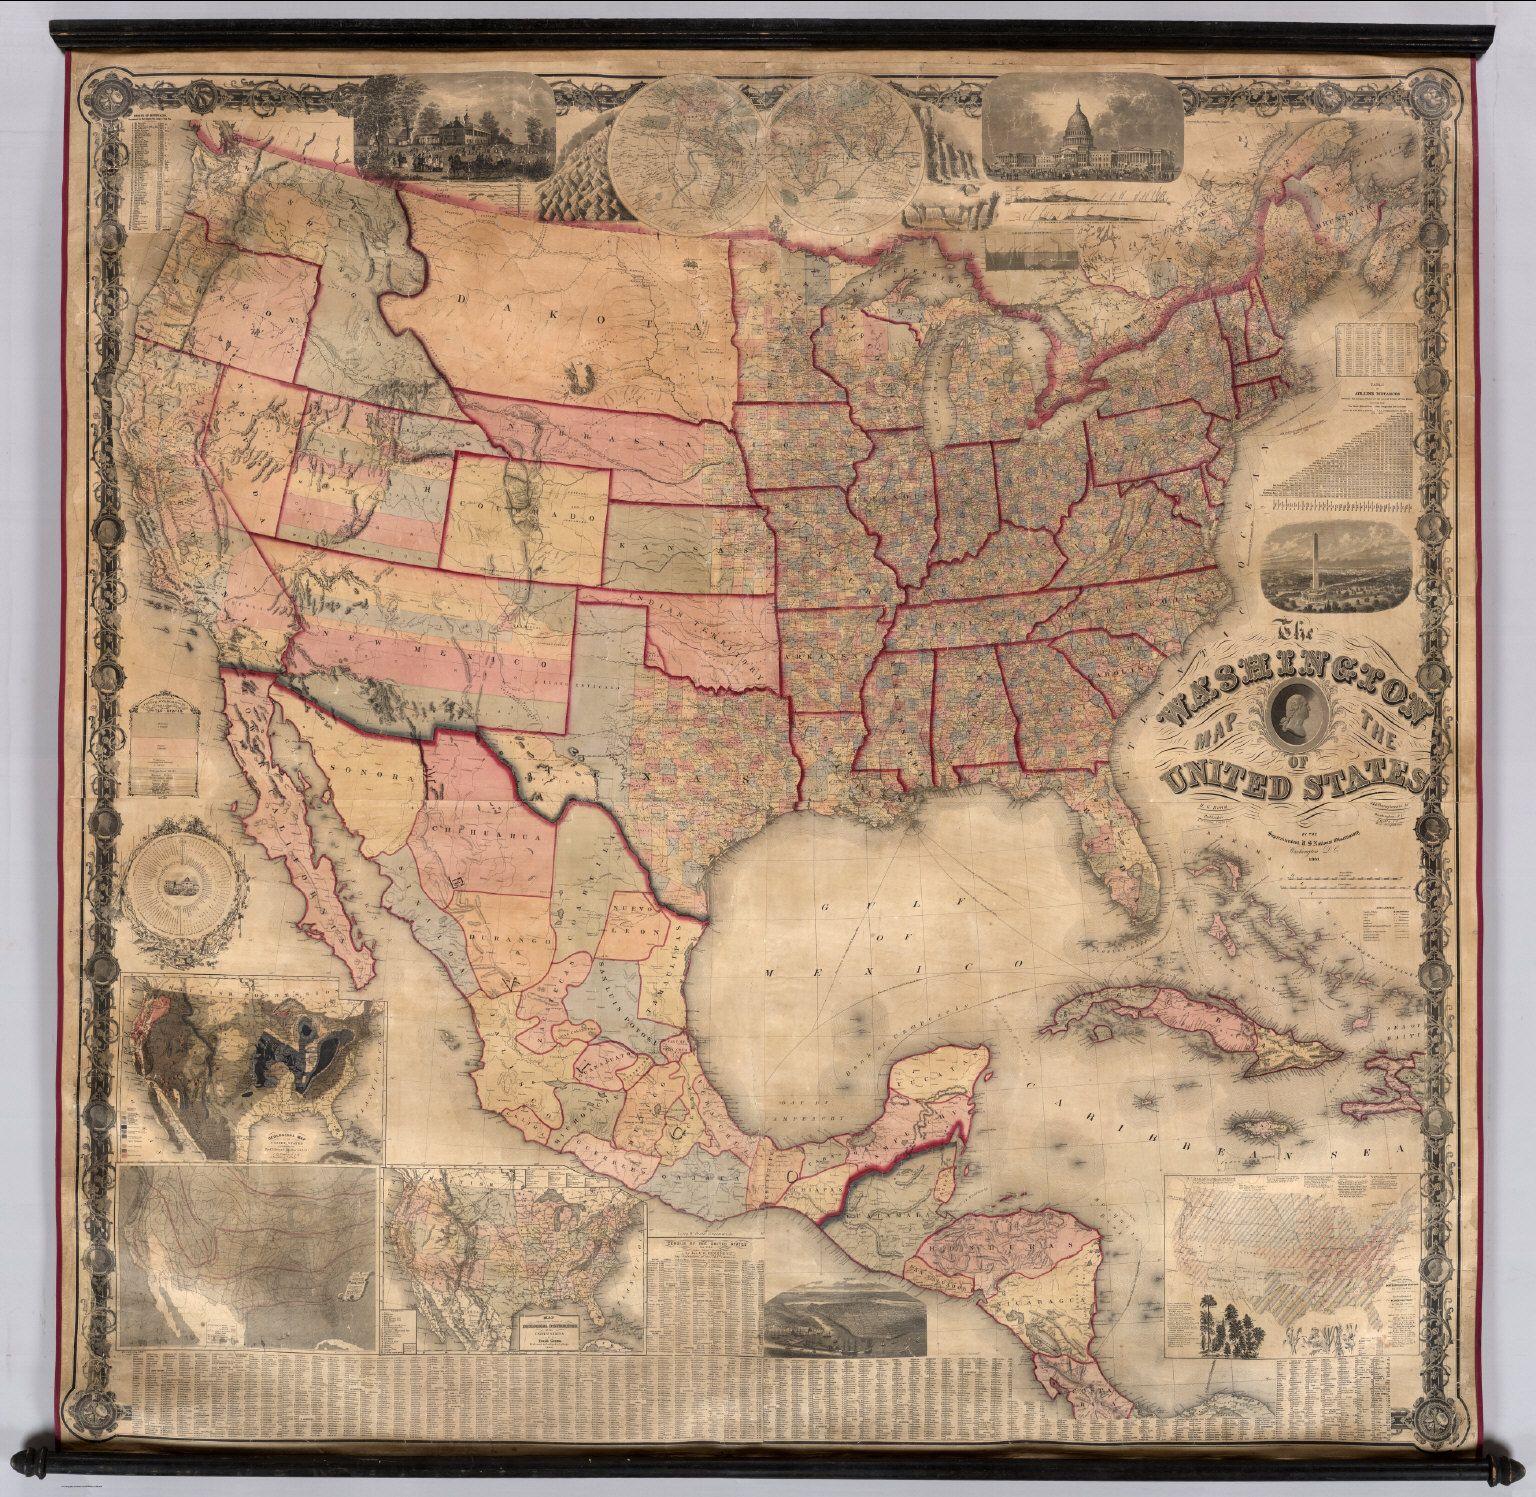 Washington Map of the United States, 1861 #map #usa | Antique Maps ...